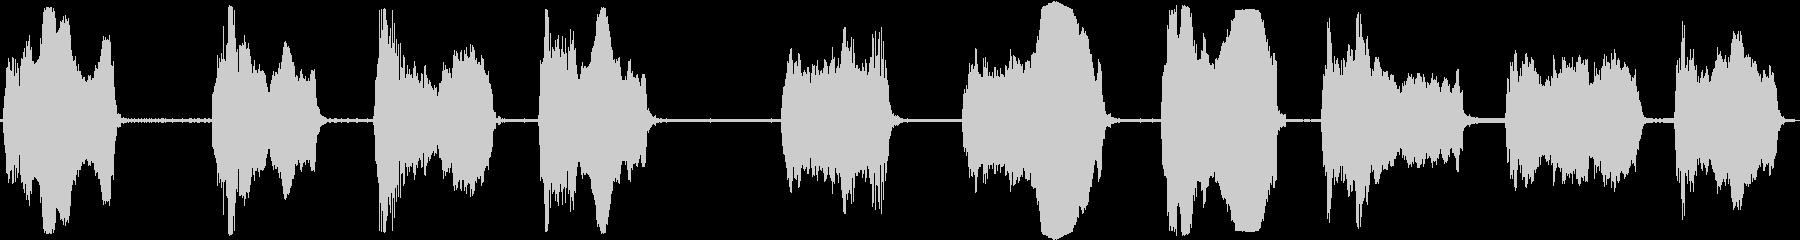 合成スタートアップスウェルの未再生の波形